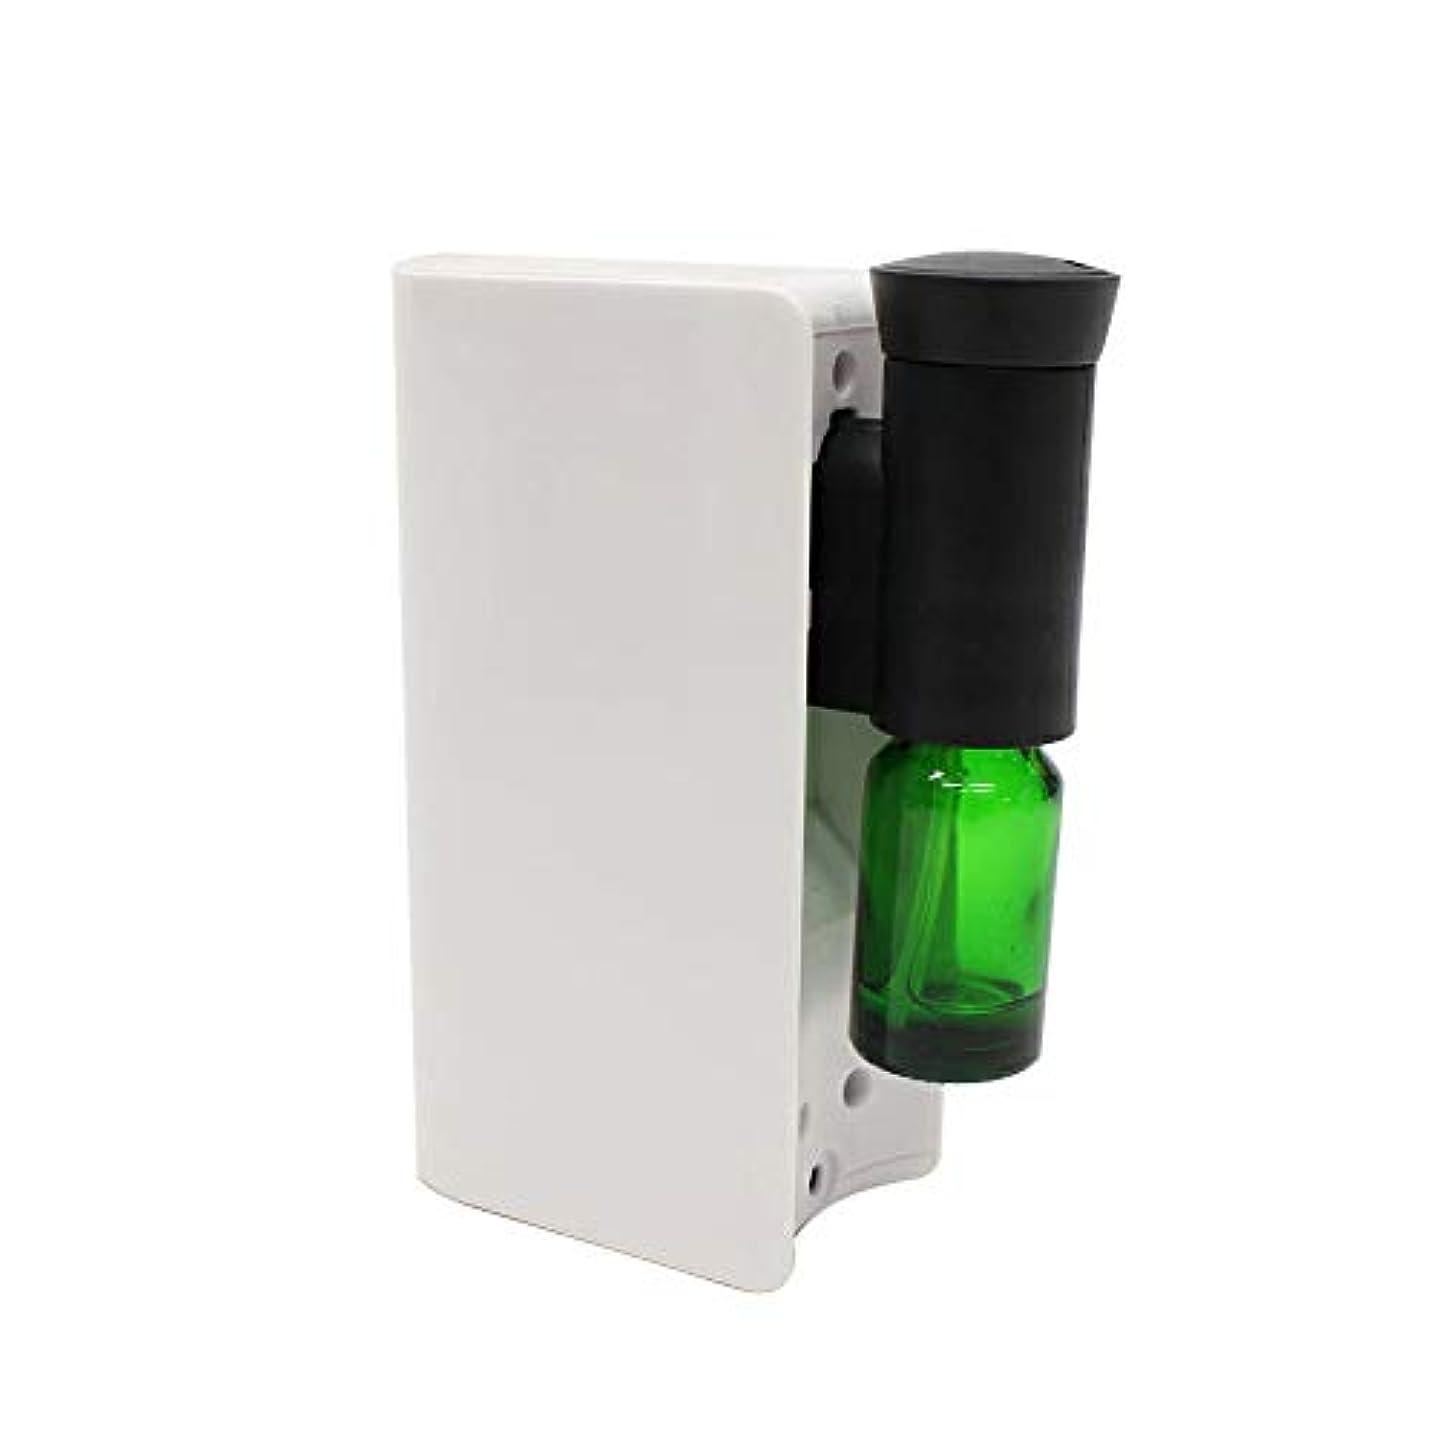 小切手アナニバー文房具アロマ ディフューザー 電池式アロマディフューザー 水を使わない ネブライザー式 アロマオイル対応 自動停止 ECOモード搭載 香り 癒し シンプル コンパクト ホワイト